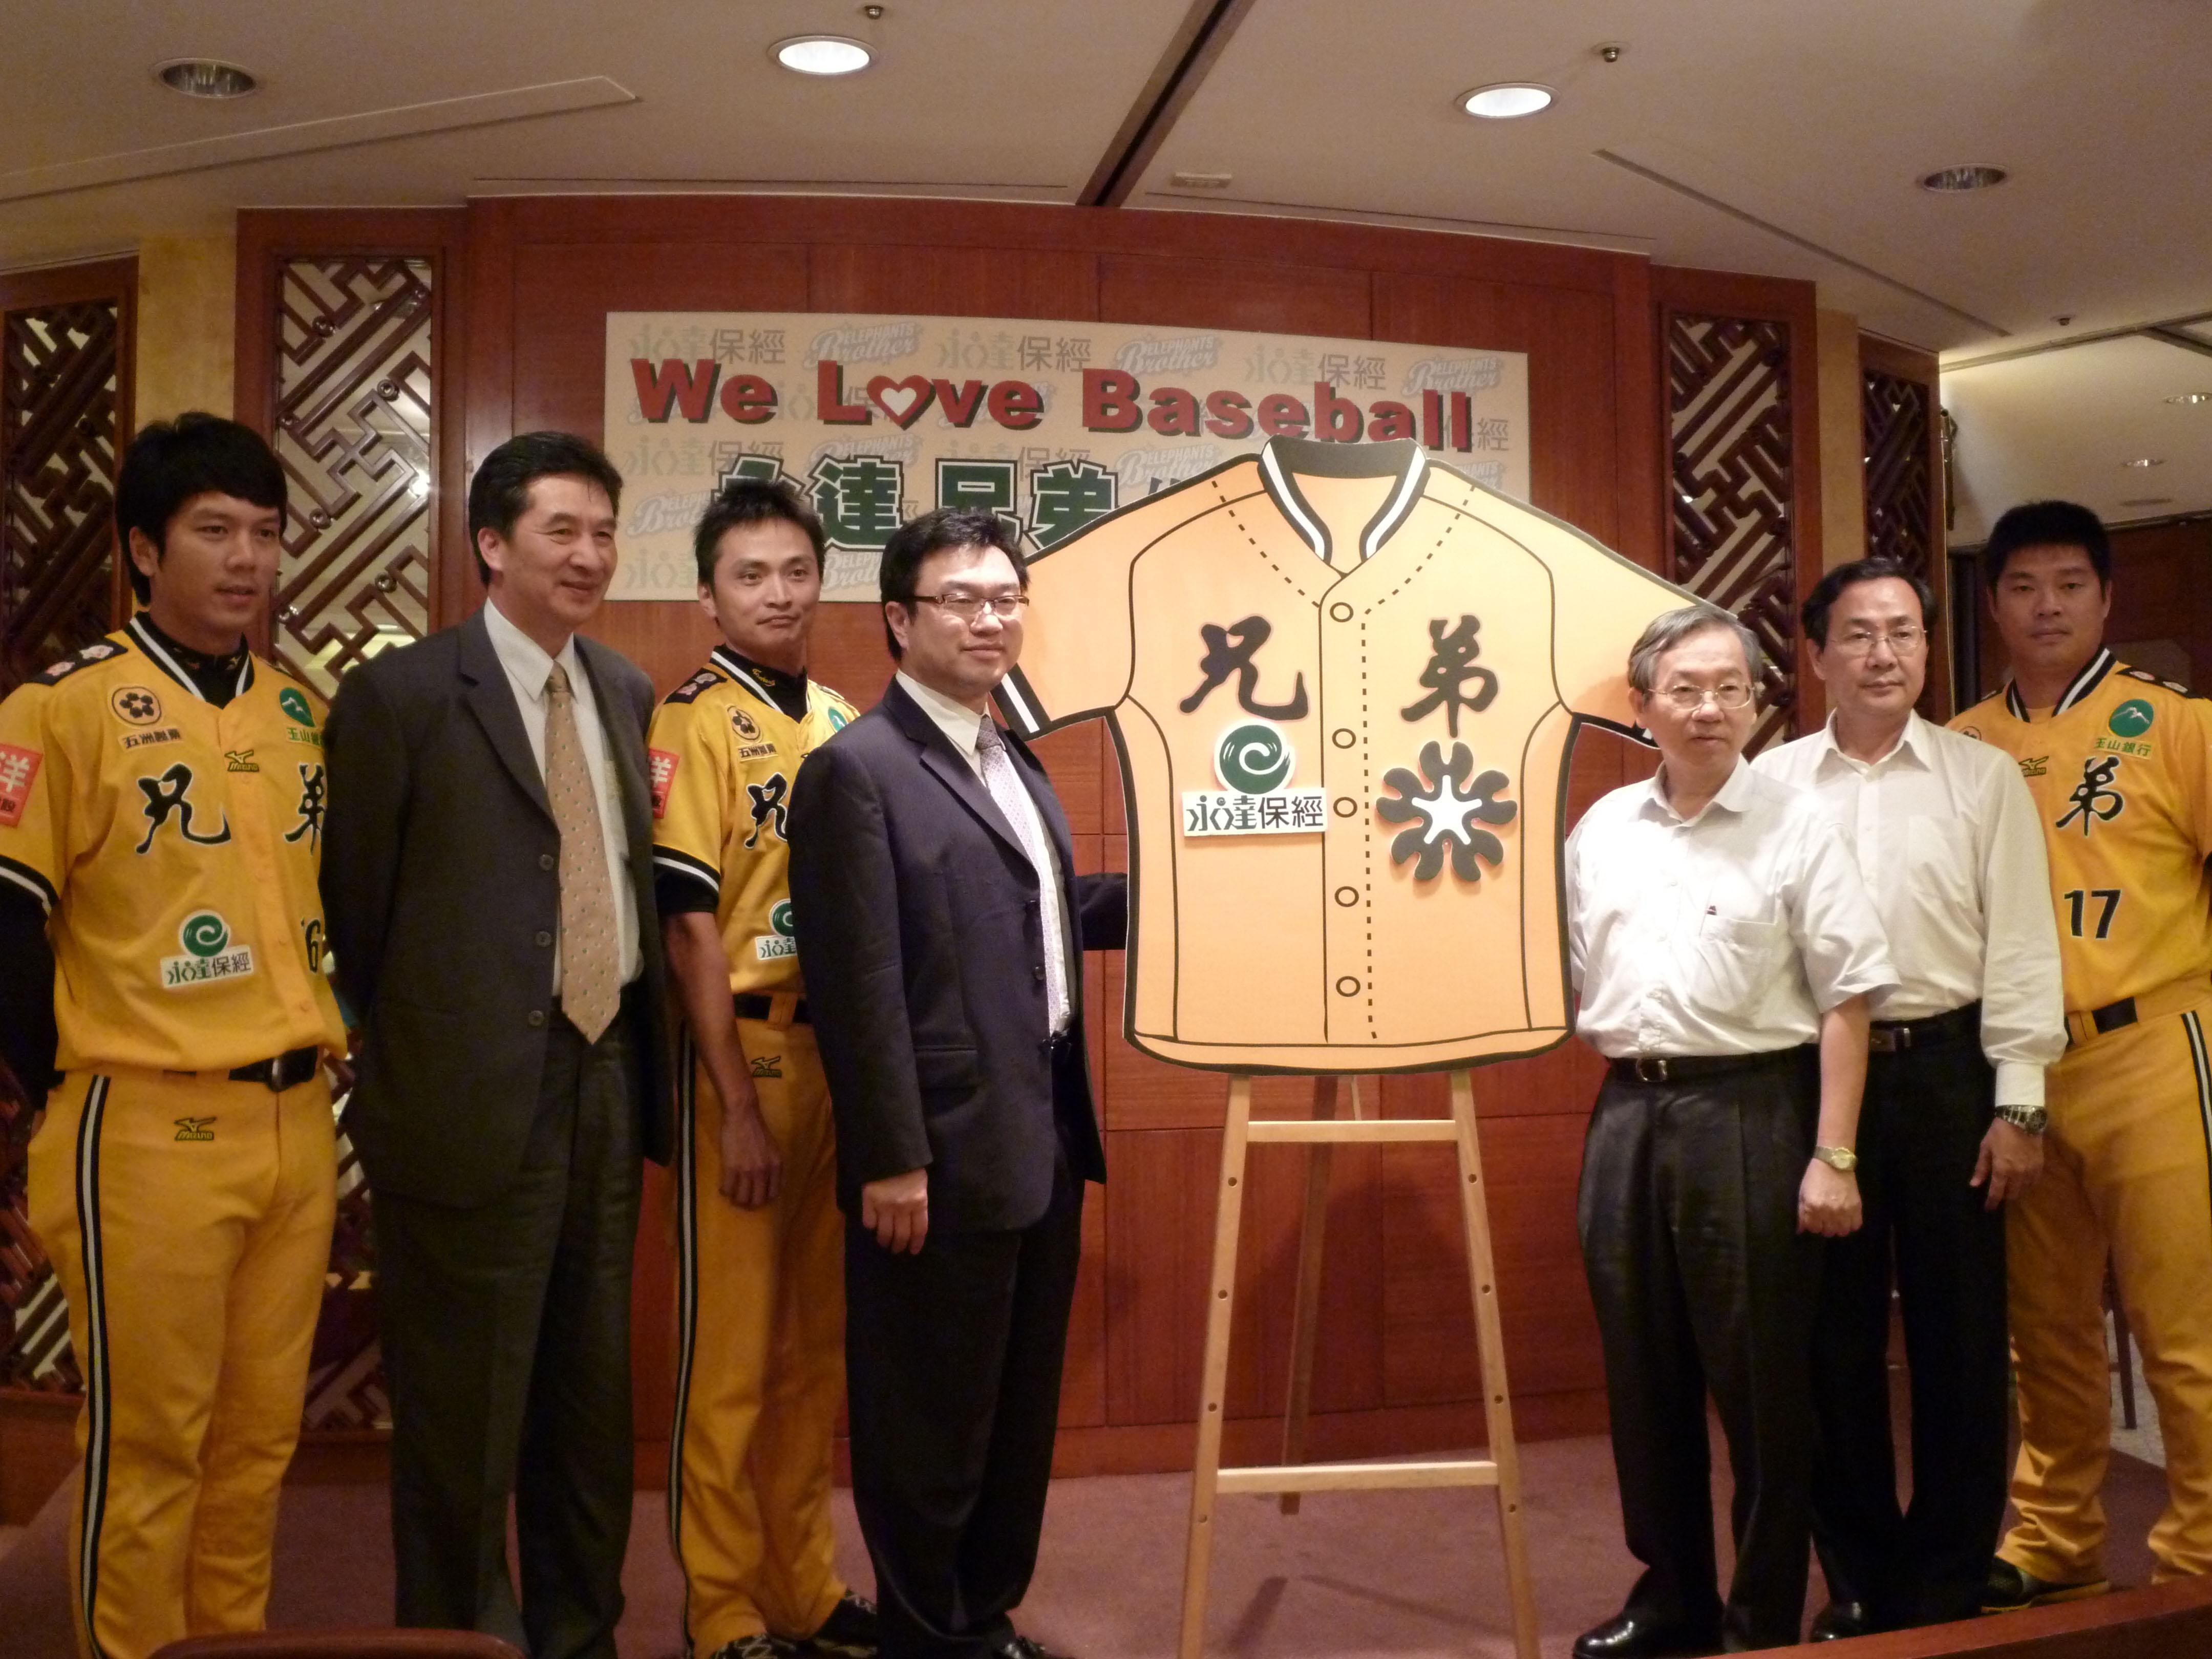 永達吳文永董事長(圖左四)和兄弟象洪瑞河董事長(圖右三) 與兄弟象教練團及球員合影,作伙挺棒球。